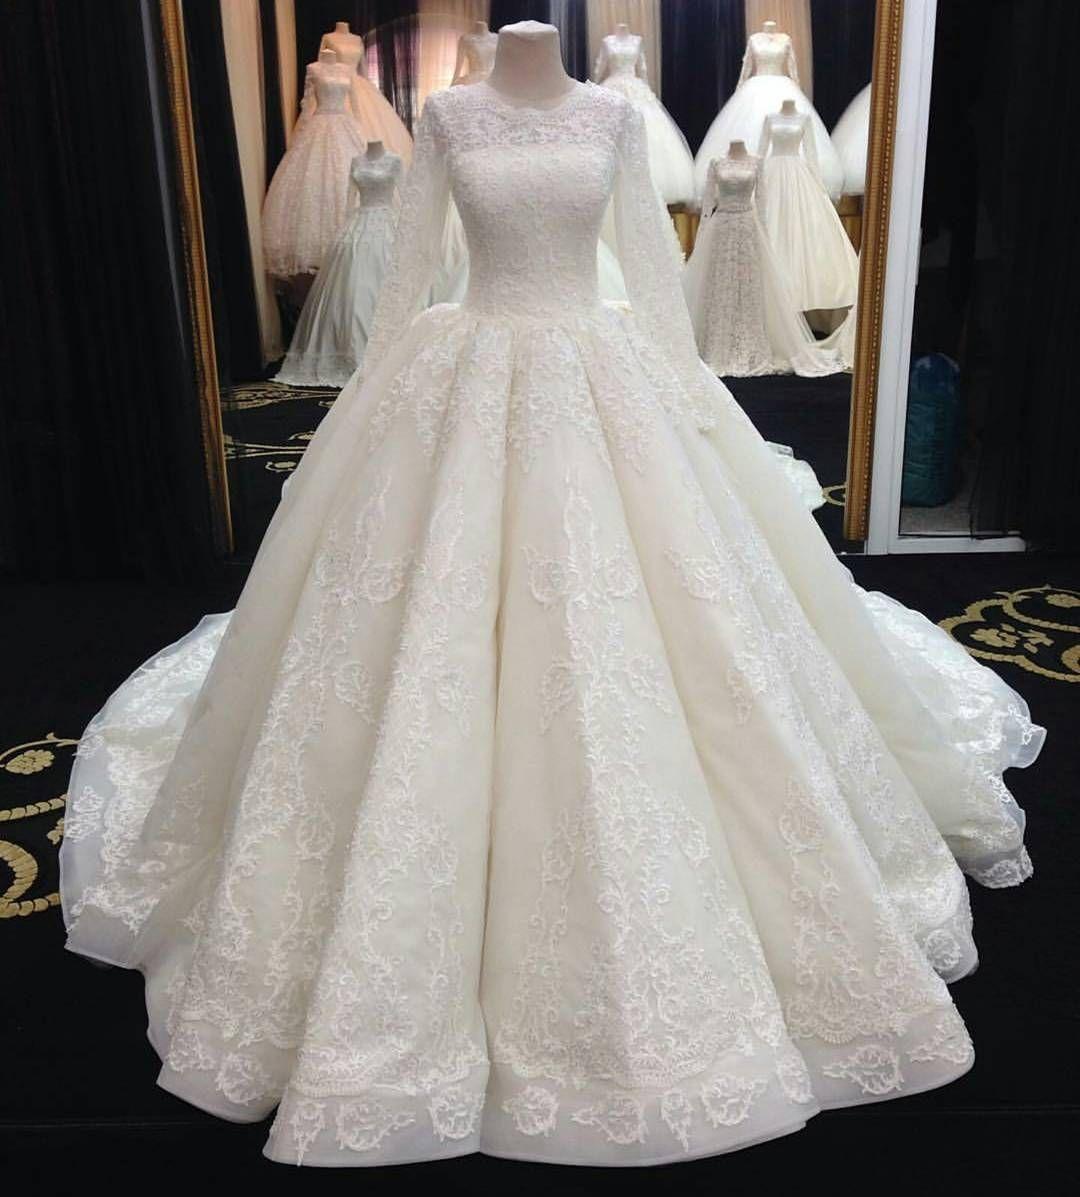 Medio Oriente 2017 Vestidos de novia musulmán de manga larga apliques de encaje apliques de novia más tamaño vestido de vestido de bolas barato